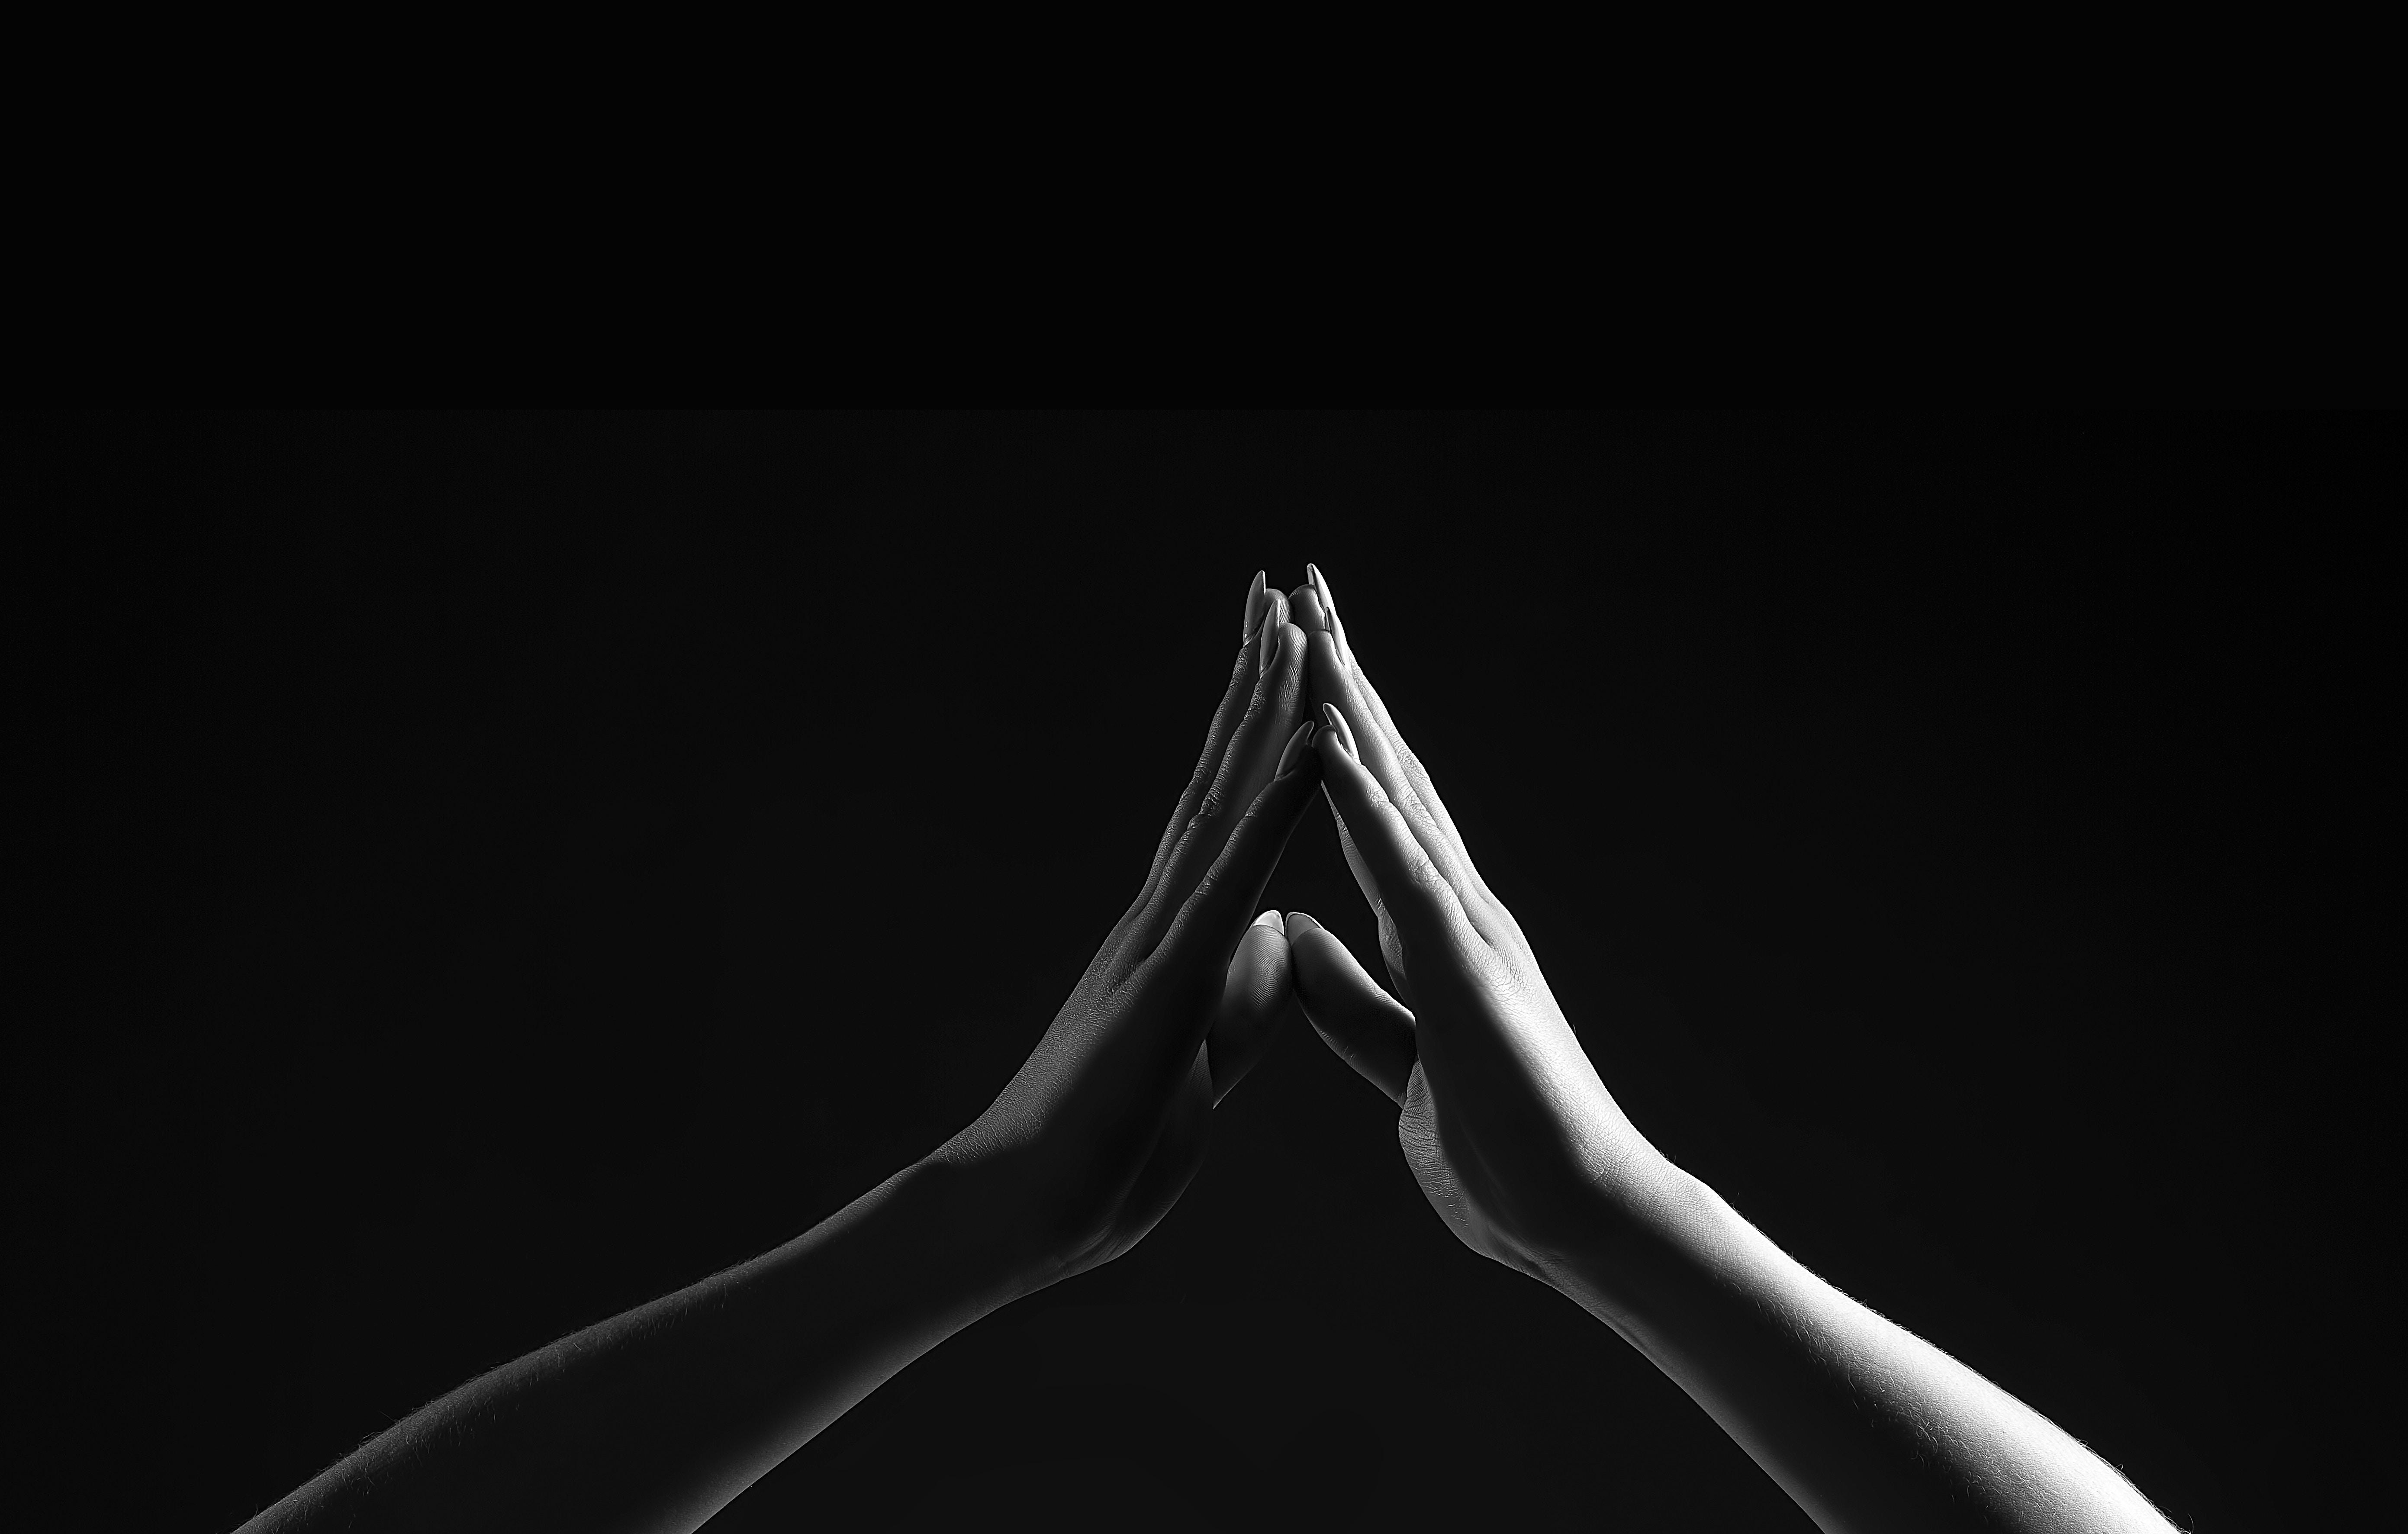 Bộ hình nền đen chạm tay